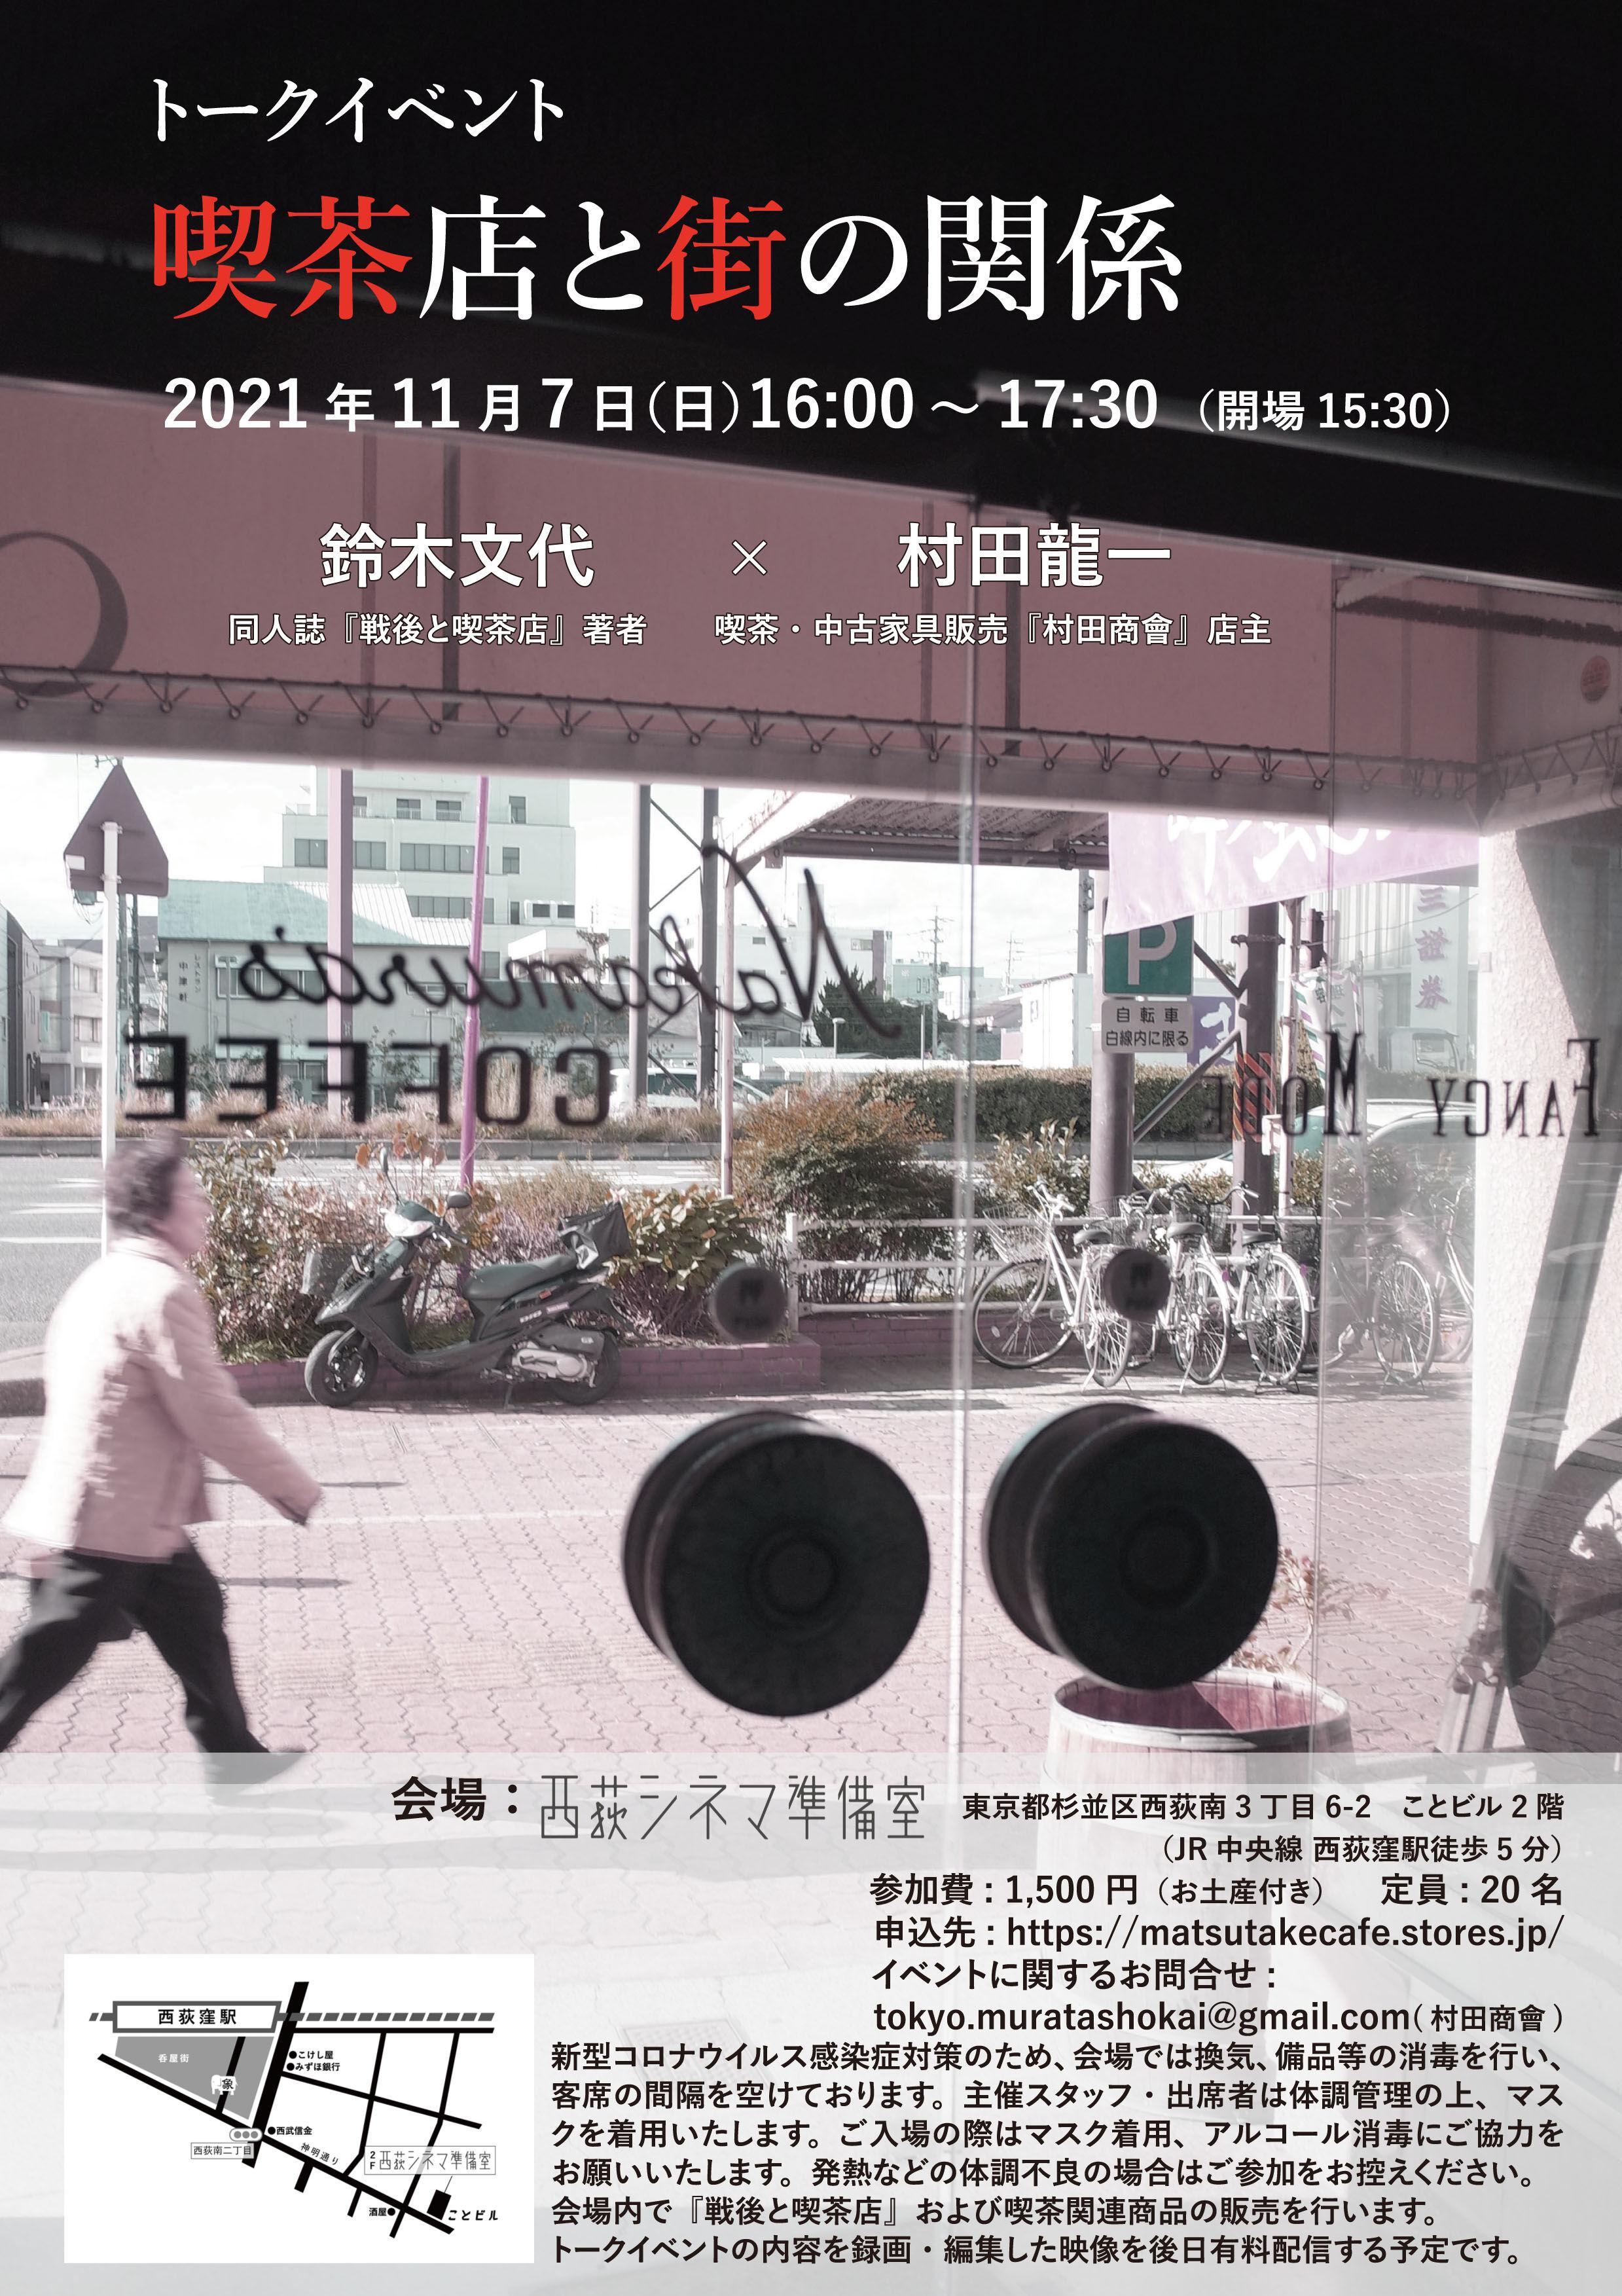 トークイベント「喫茶店と街の関係」を開催いたします【満席】